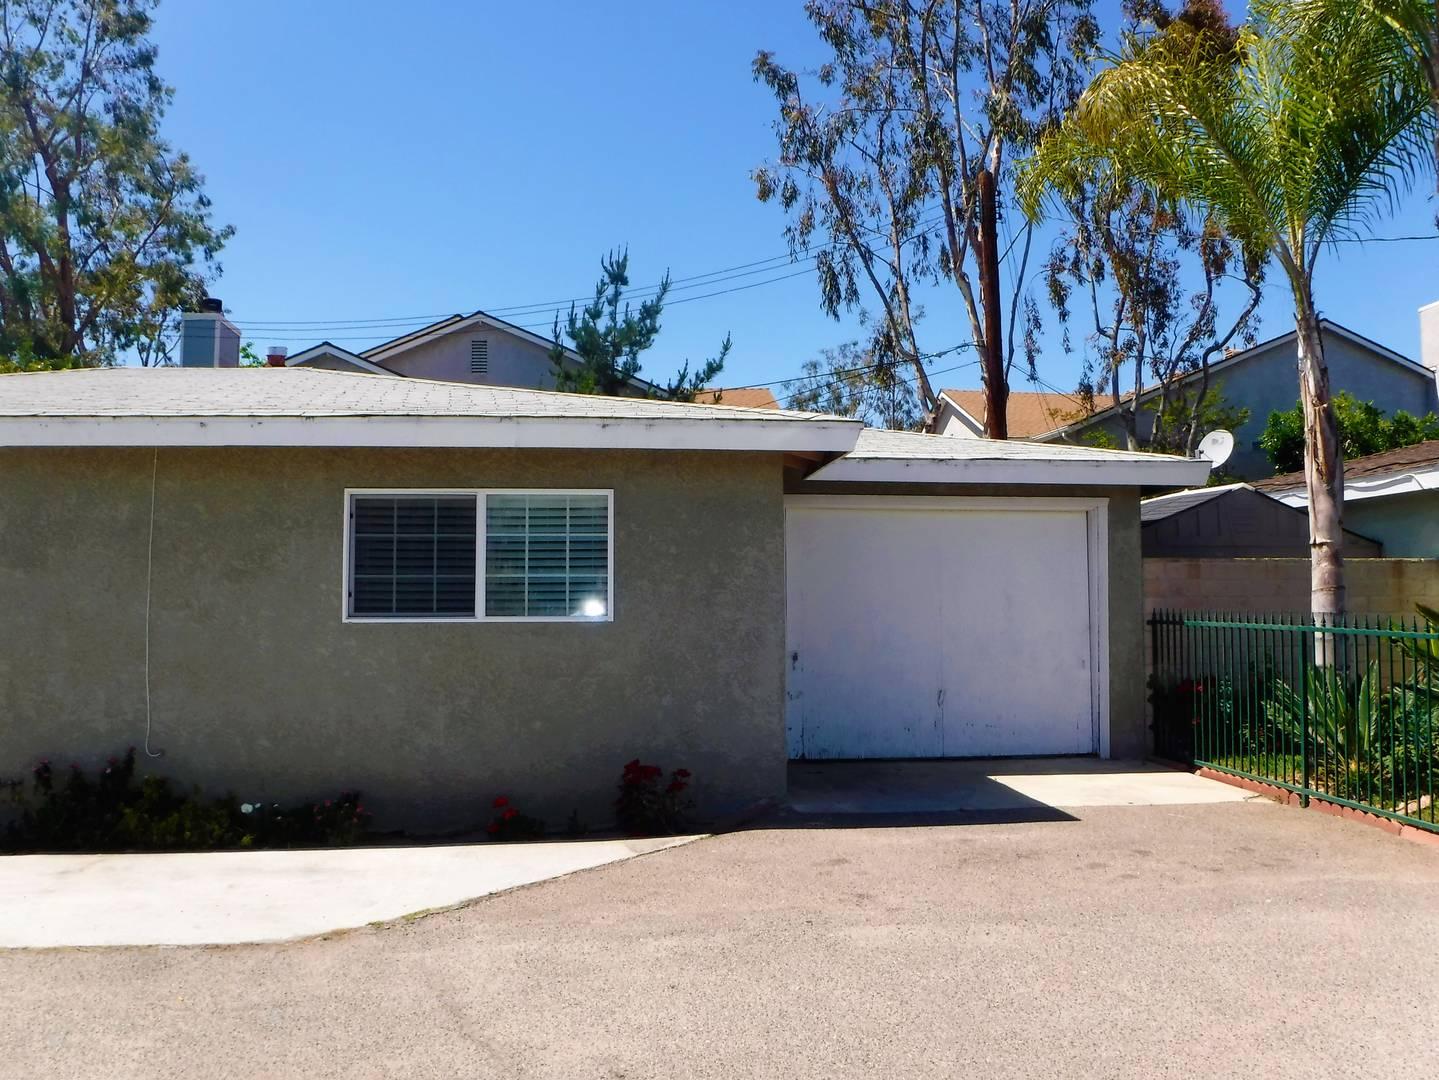 916 W 18th Costa Mesa, CA 92627